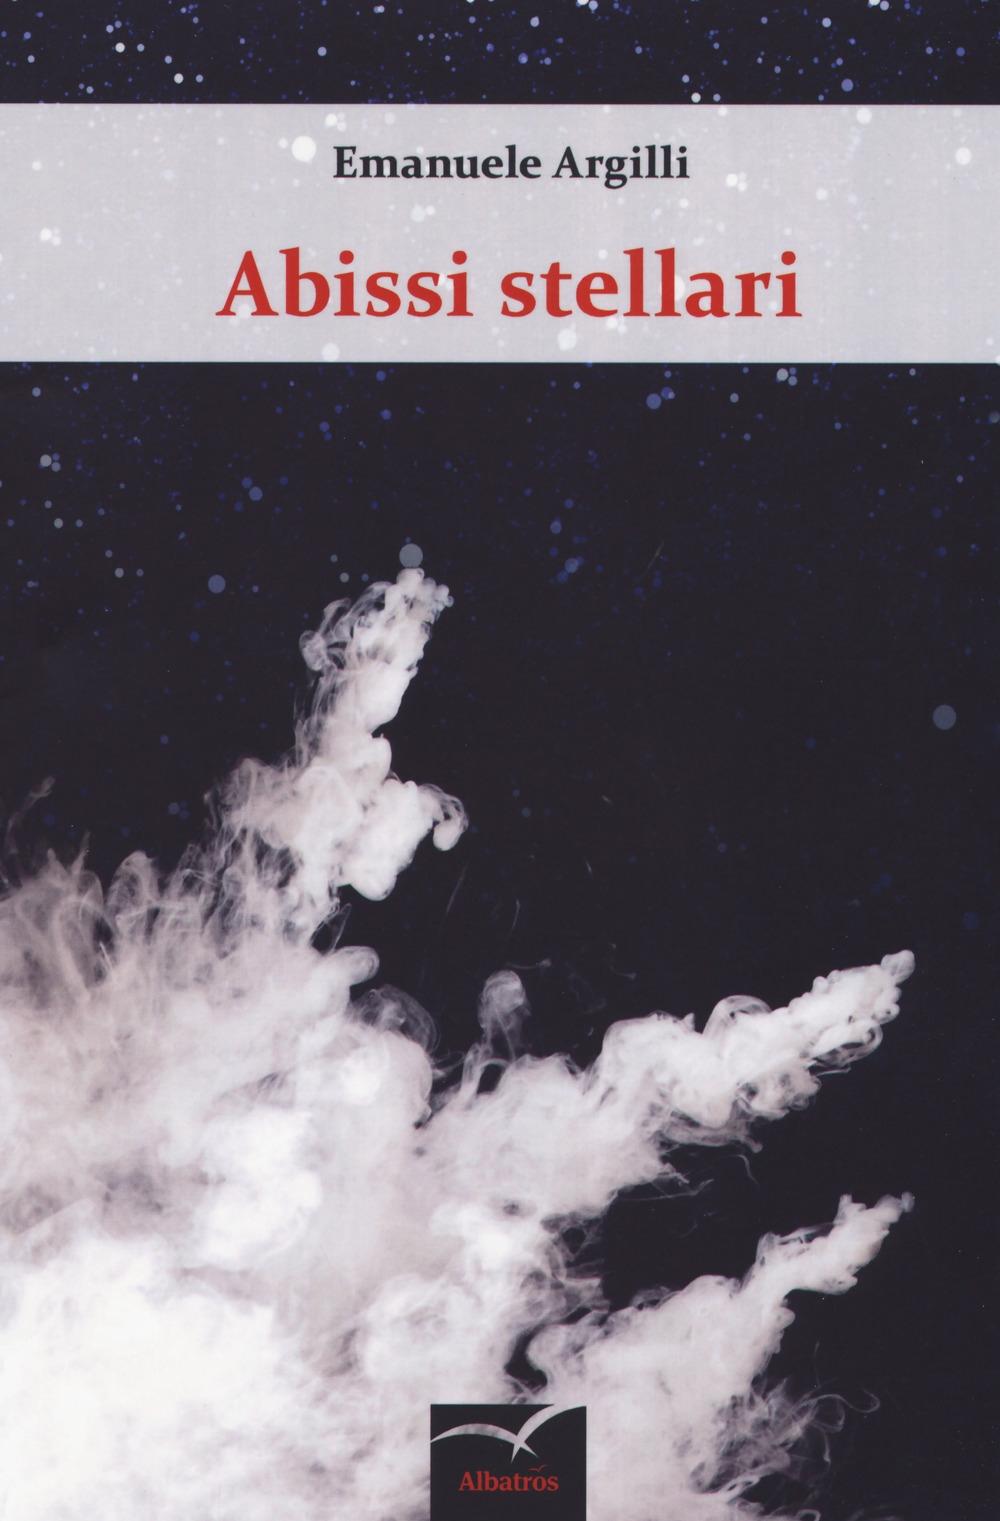 Abissi stellari